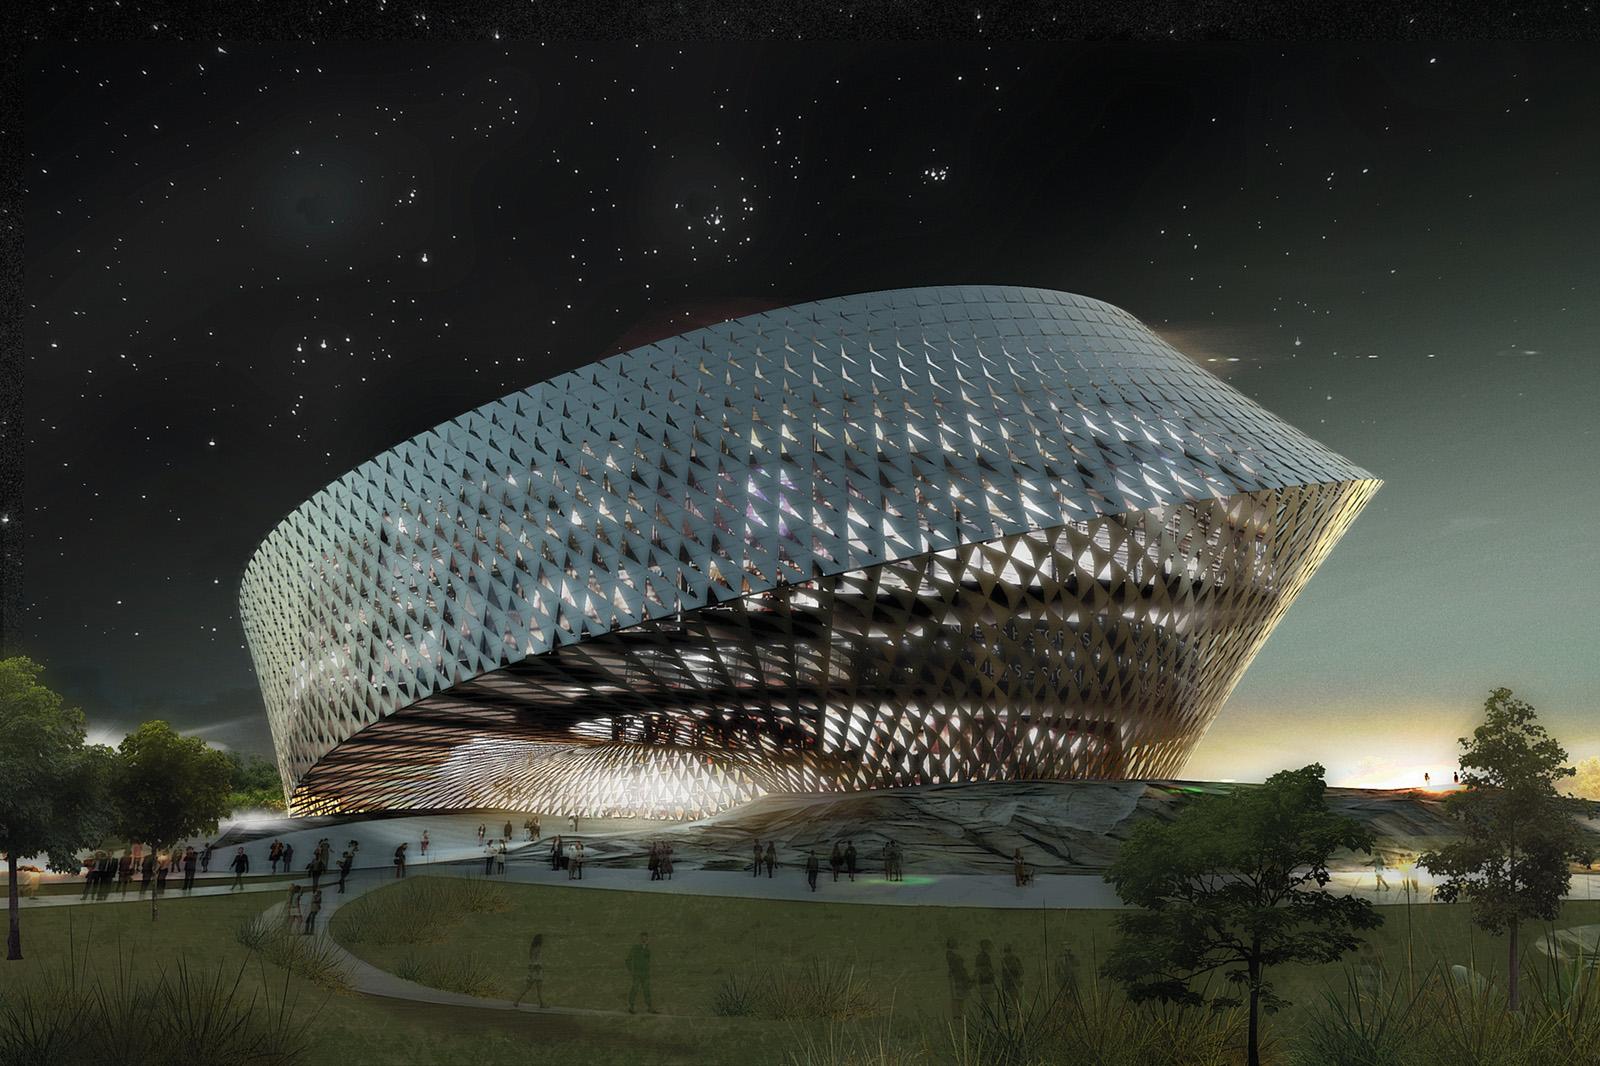 библиотека-раковина в Казахстане